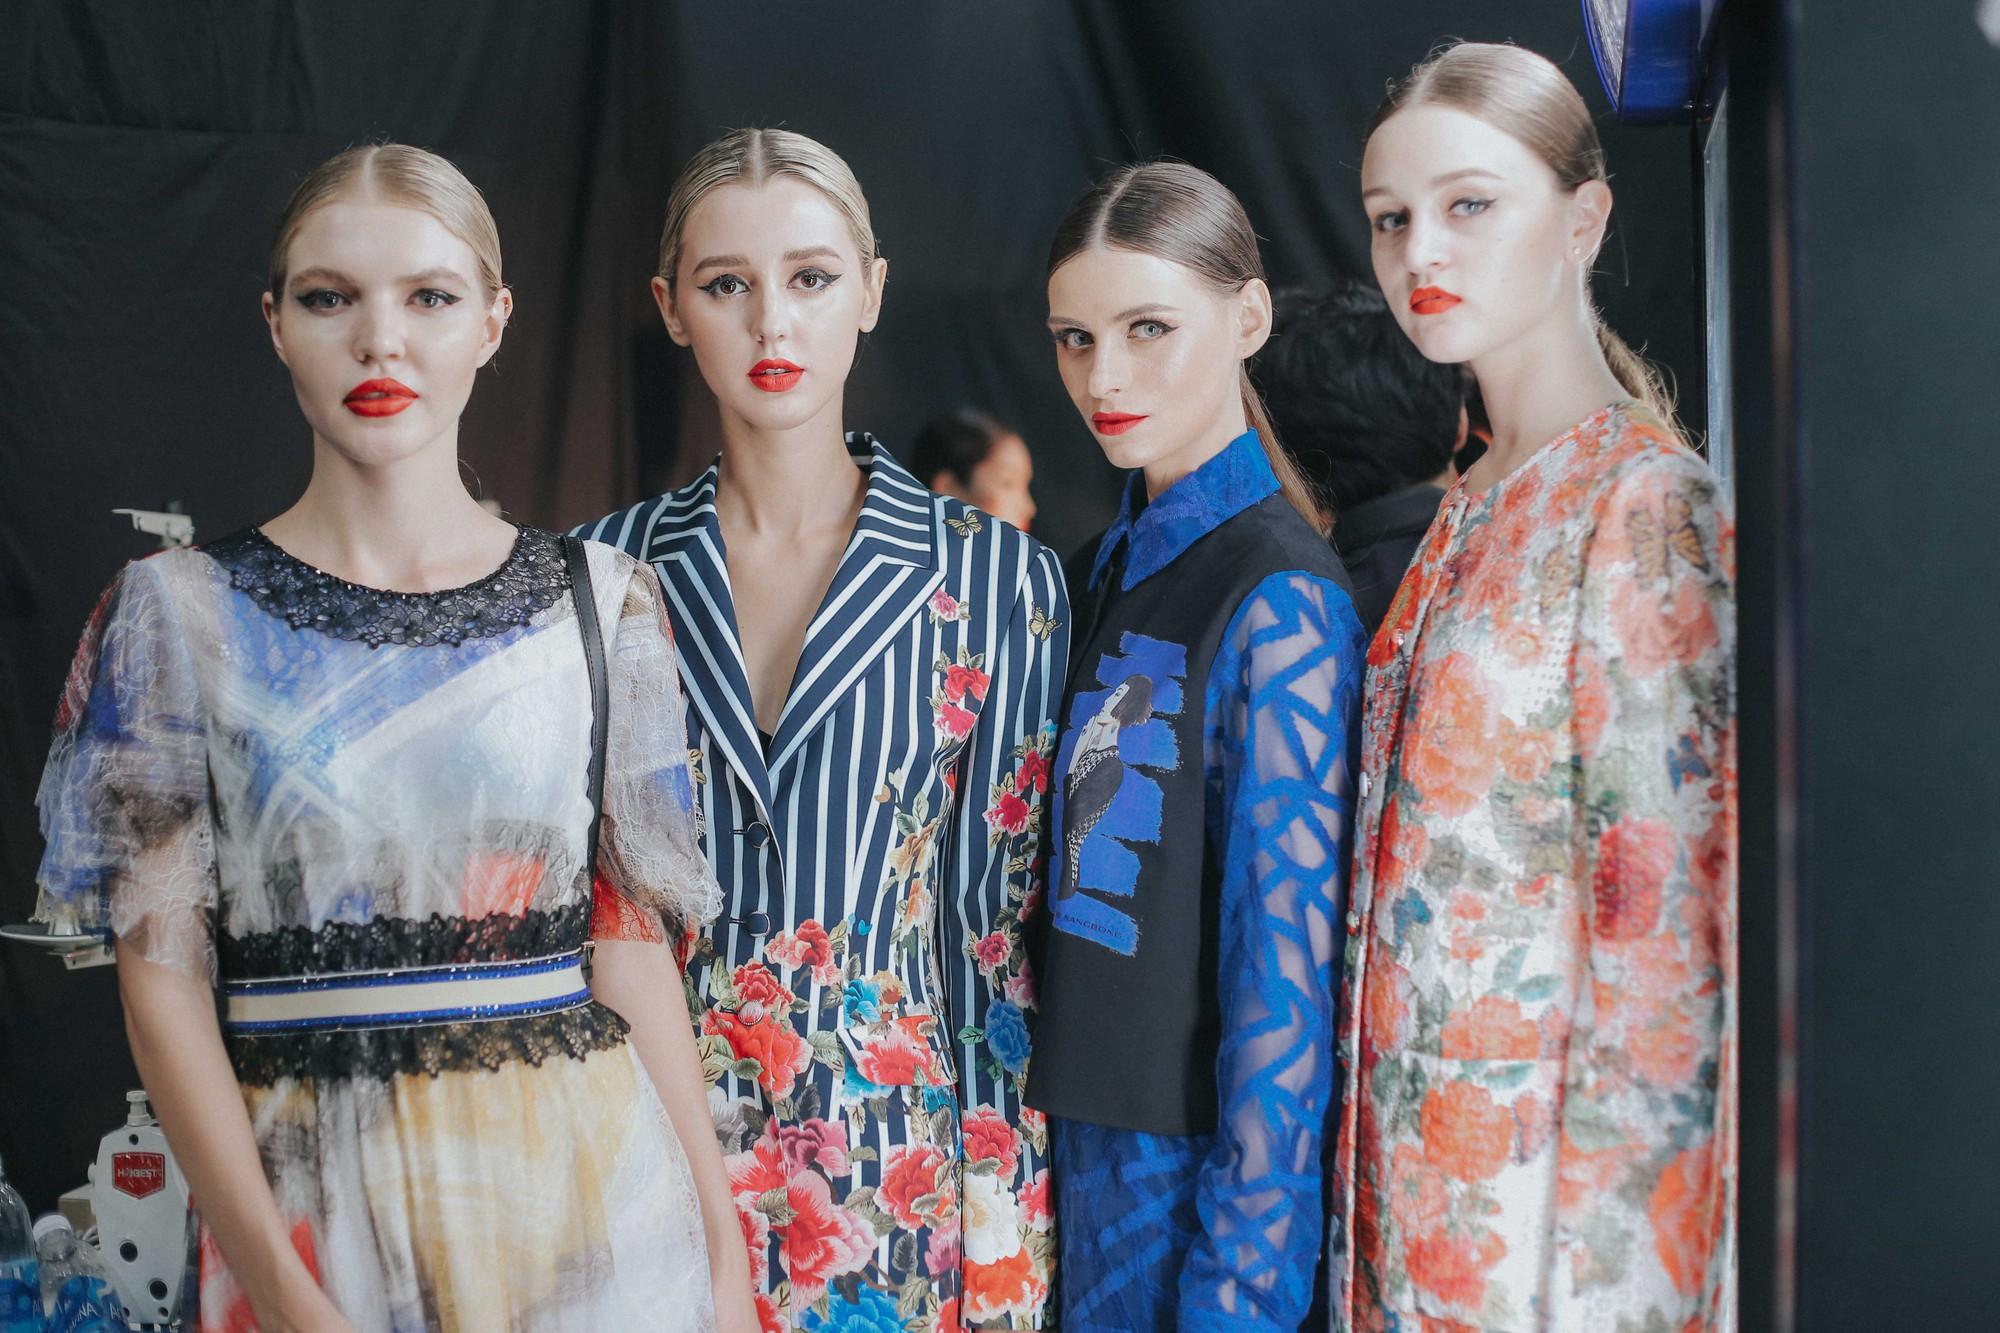 Những xu hướng trang điểm gây sốt tại Tuần lễ thời trang Việt Nam 2019  - Ảnh 2.